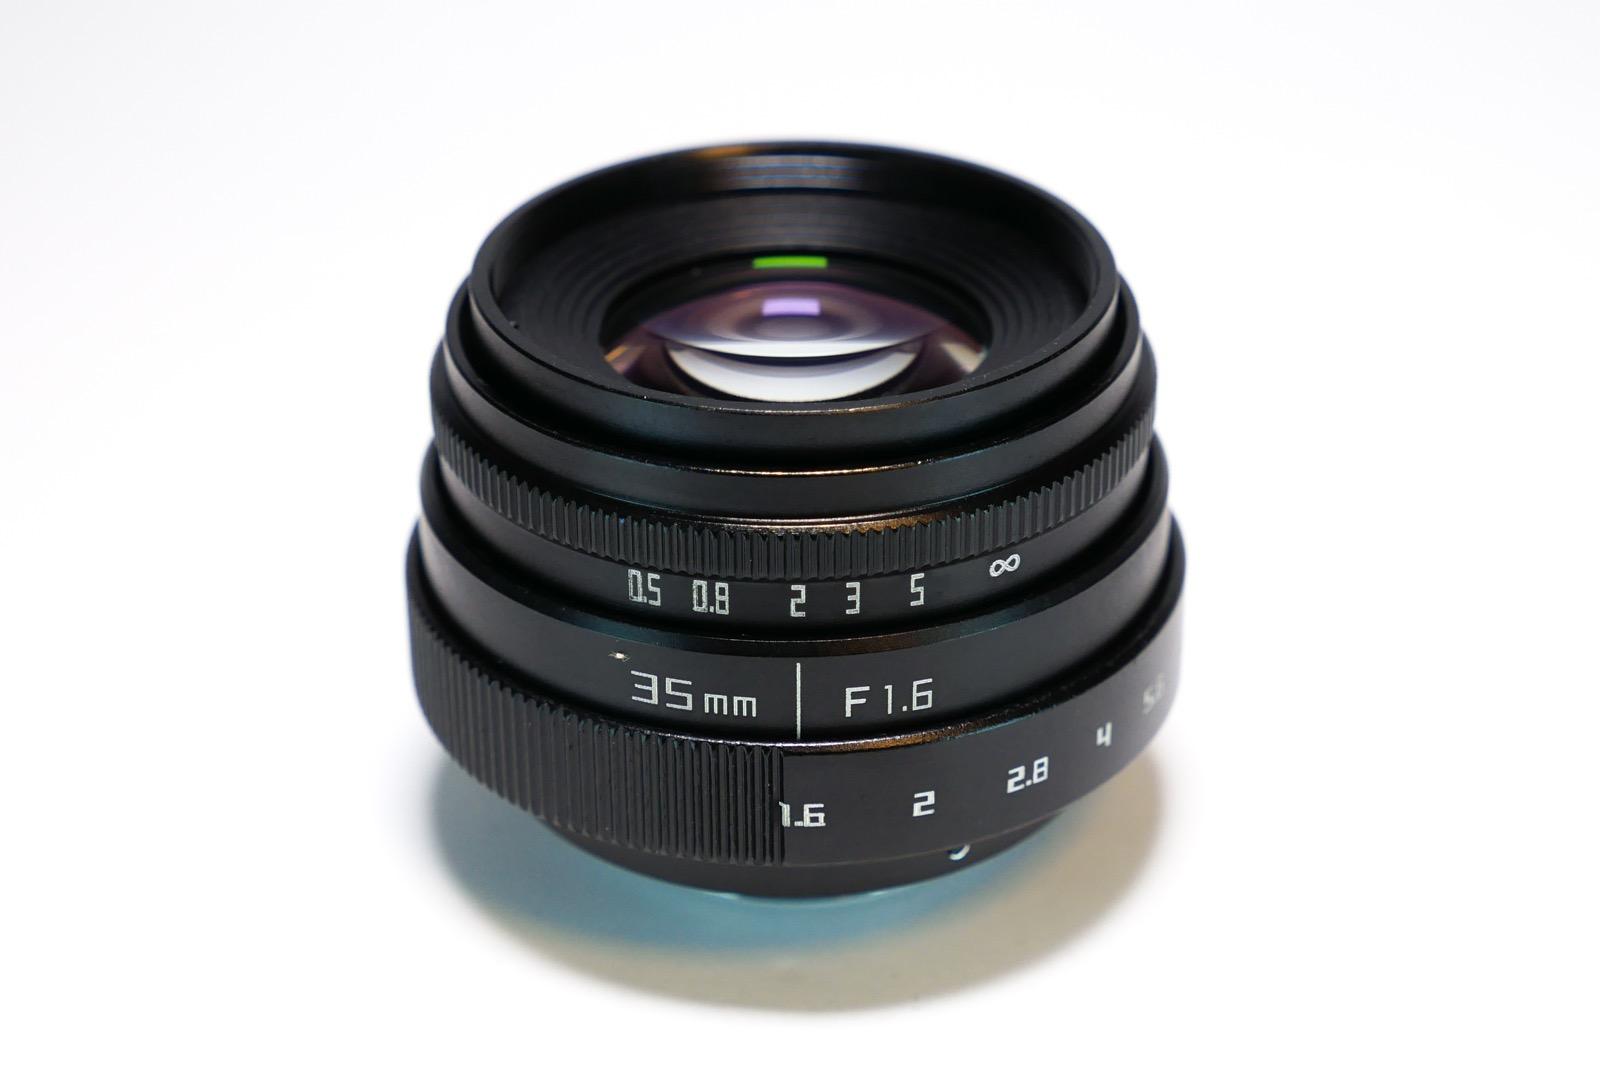 Eマウント 35mm F1.6 レンズ